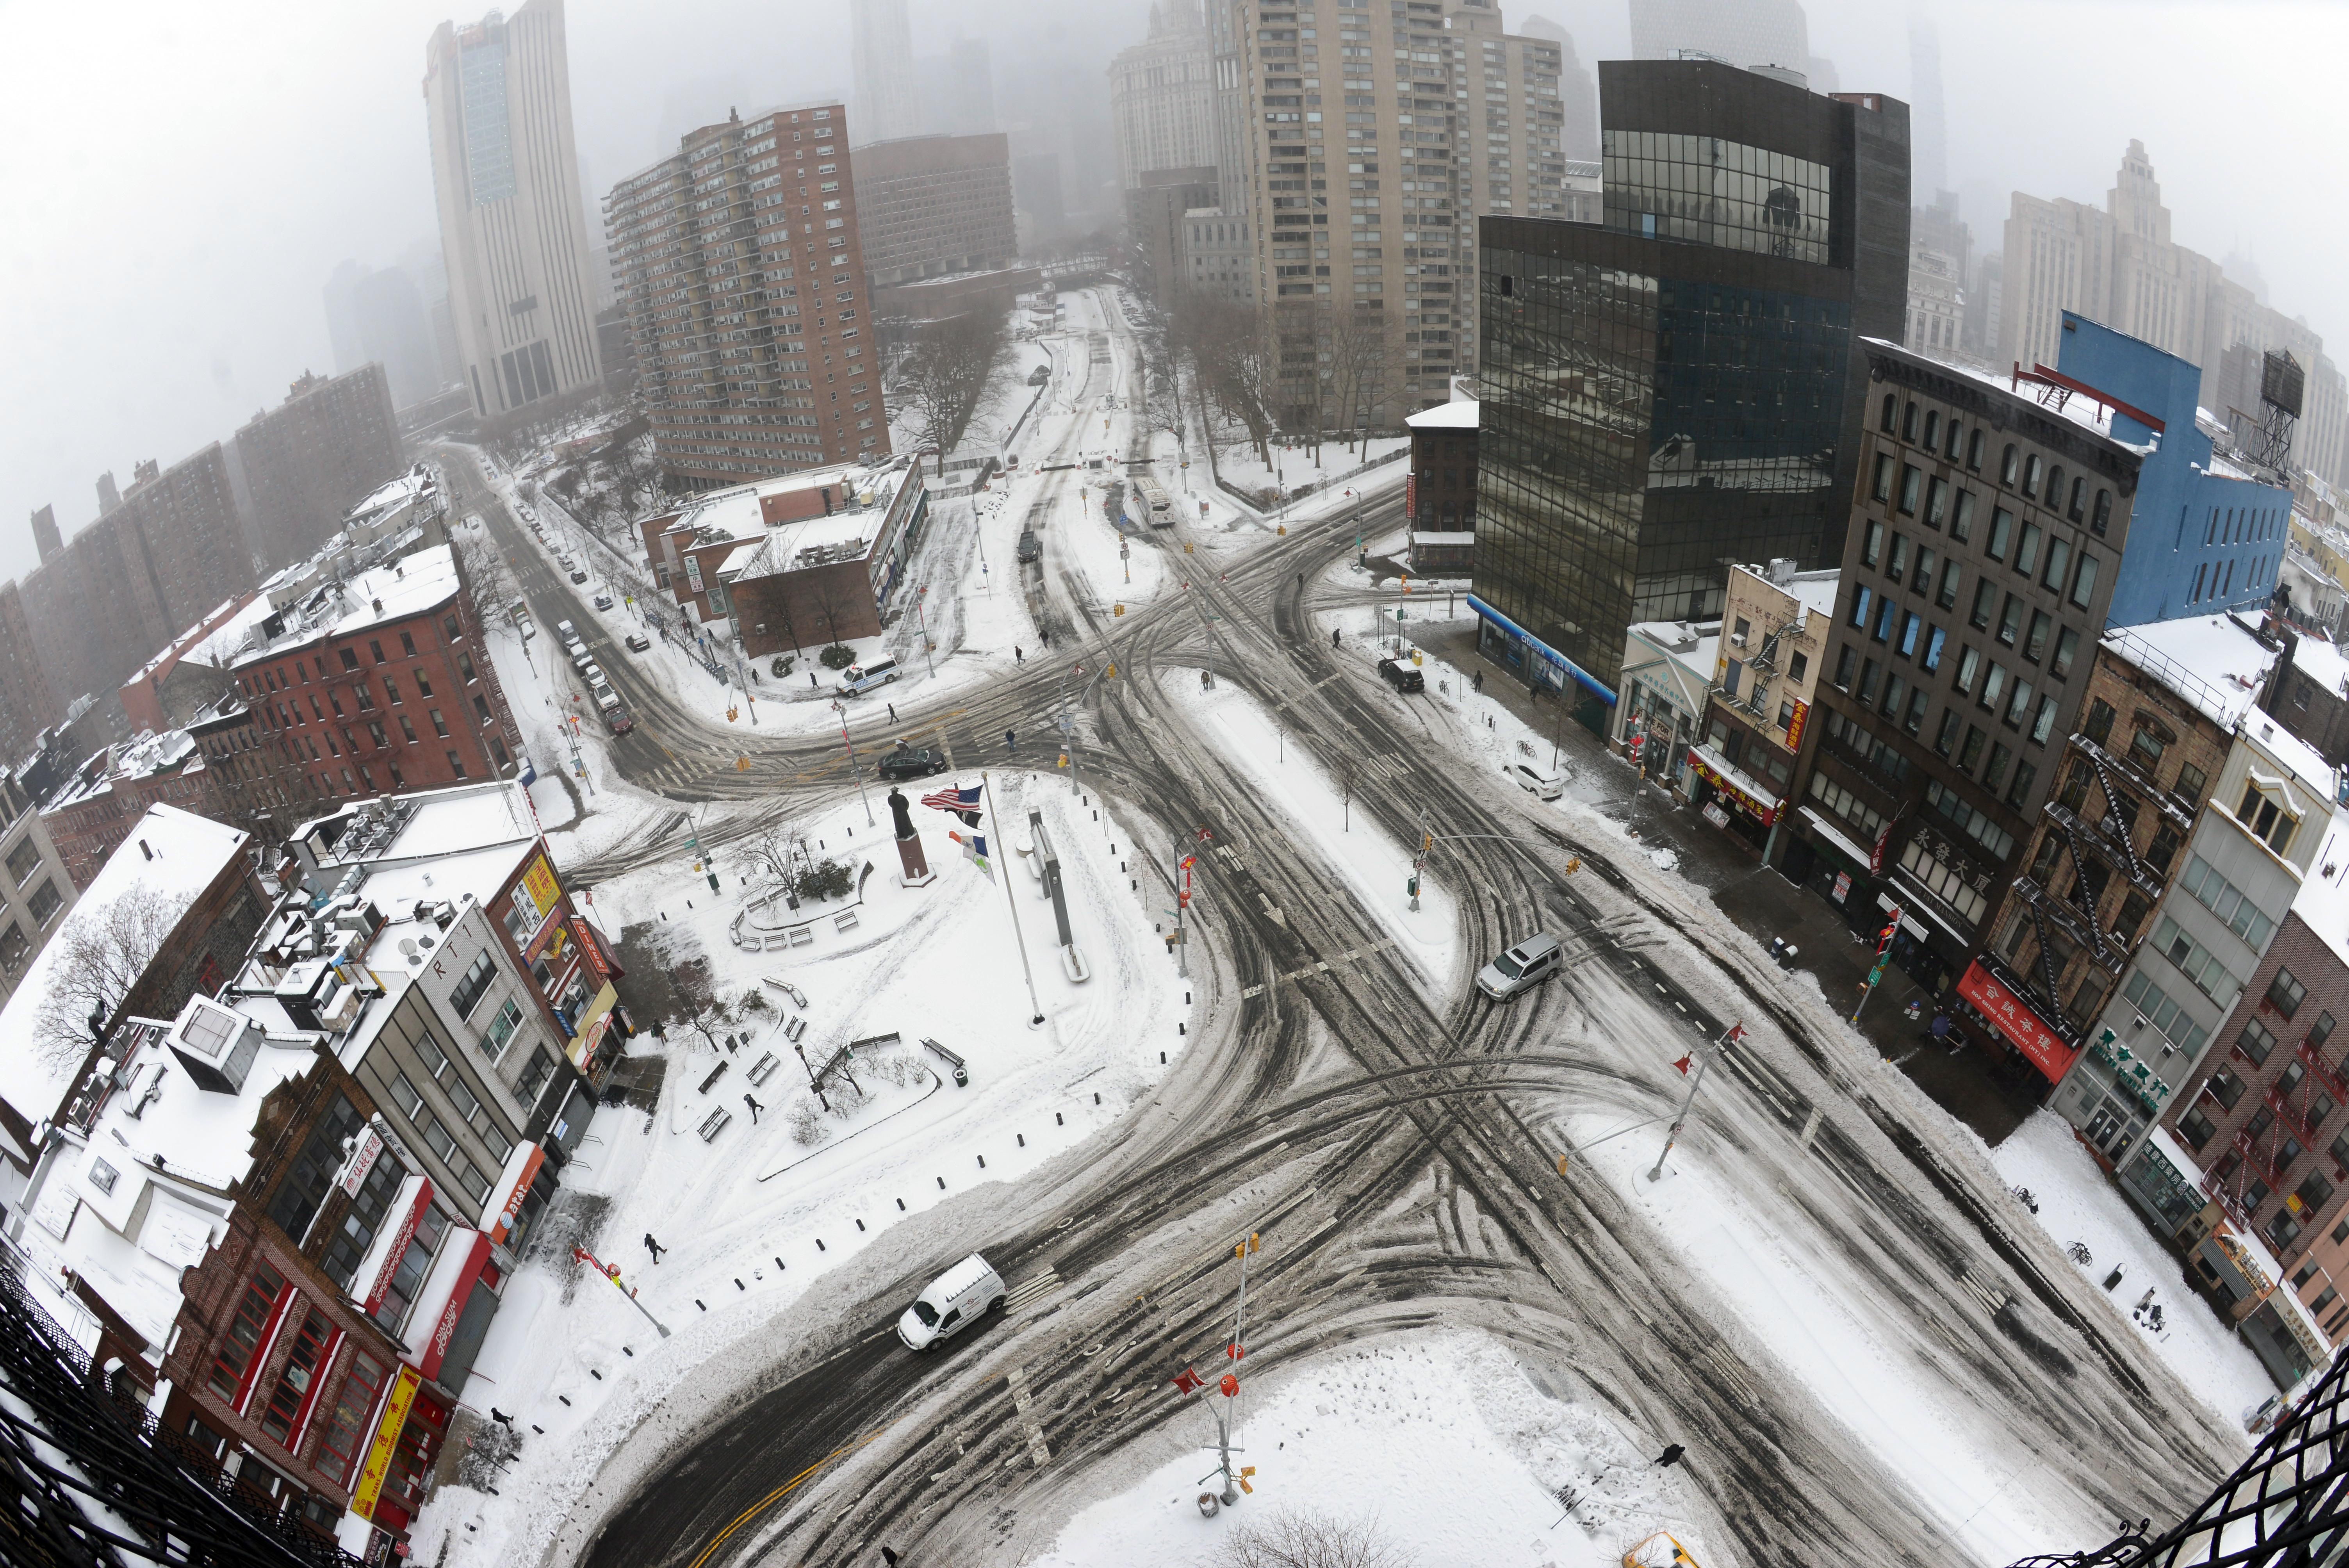 紐約市曼哈頓華埠且林市果(Chatham Square) 四周匯集七條道路,留下車輛駛過的痕跡。(許振輝攝影)